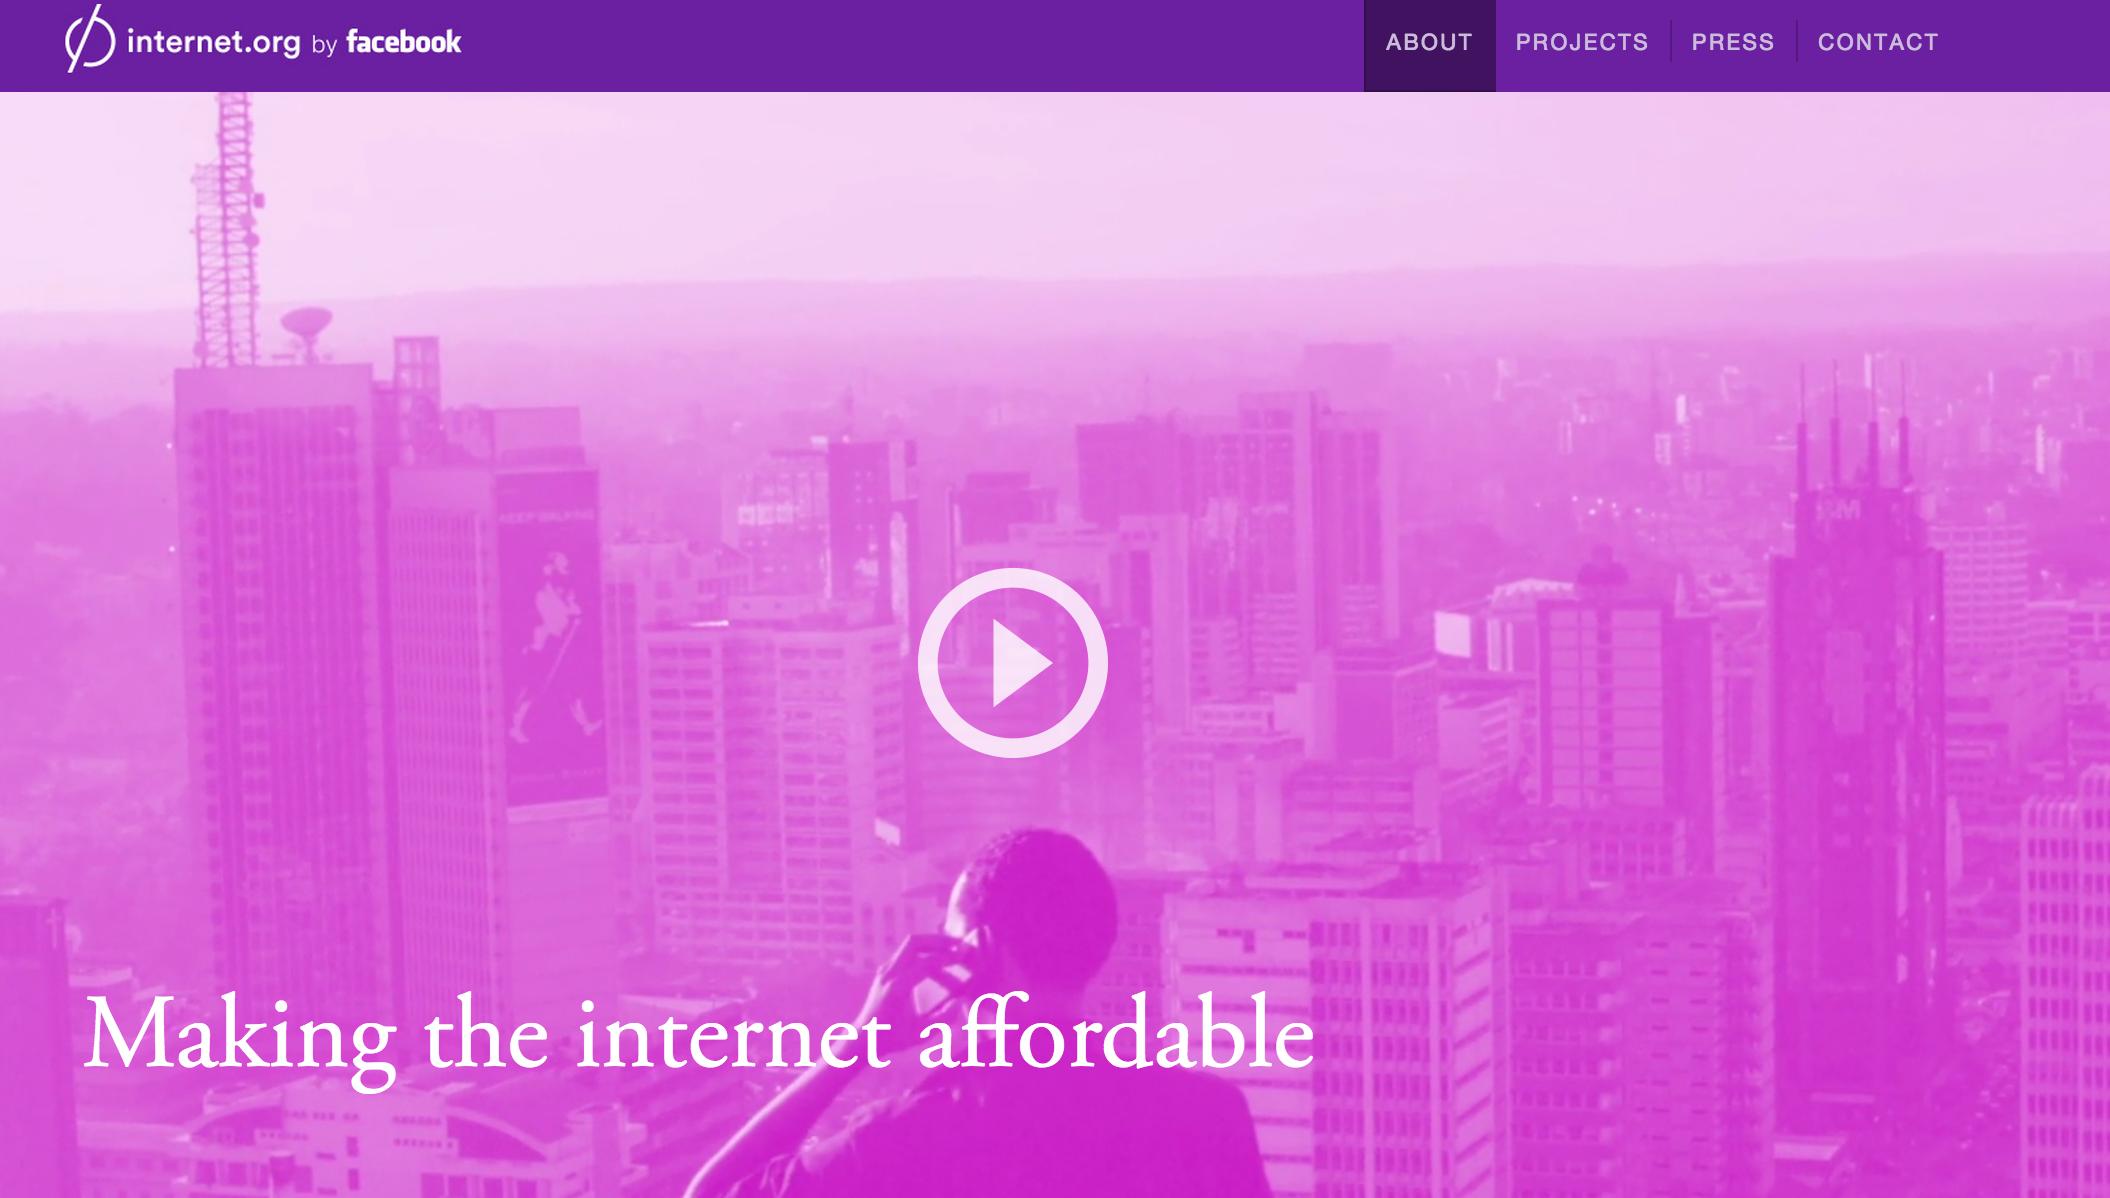 Internet dot org